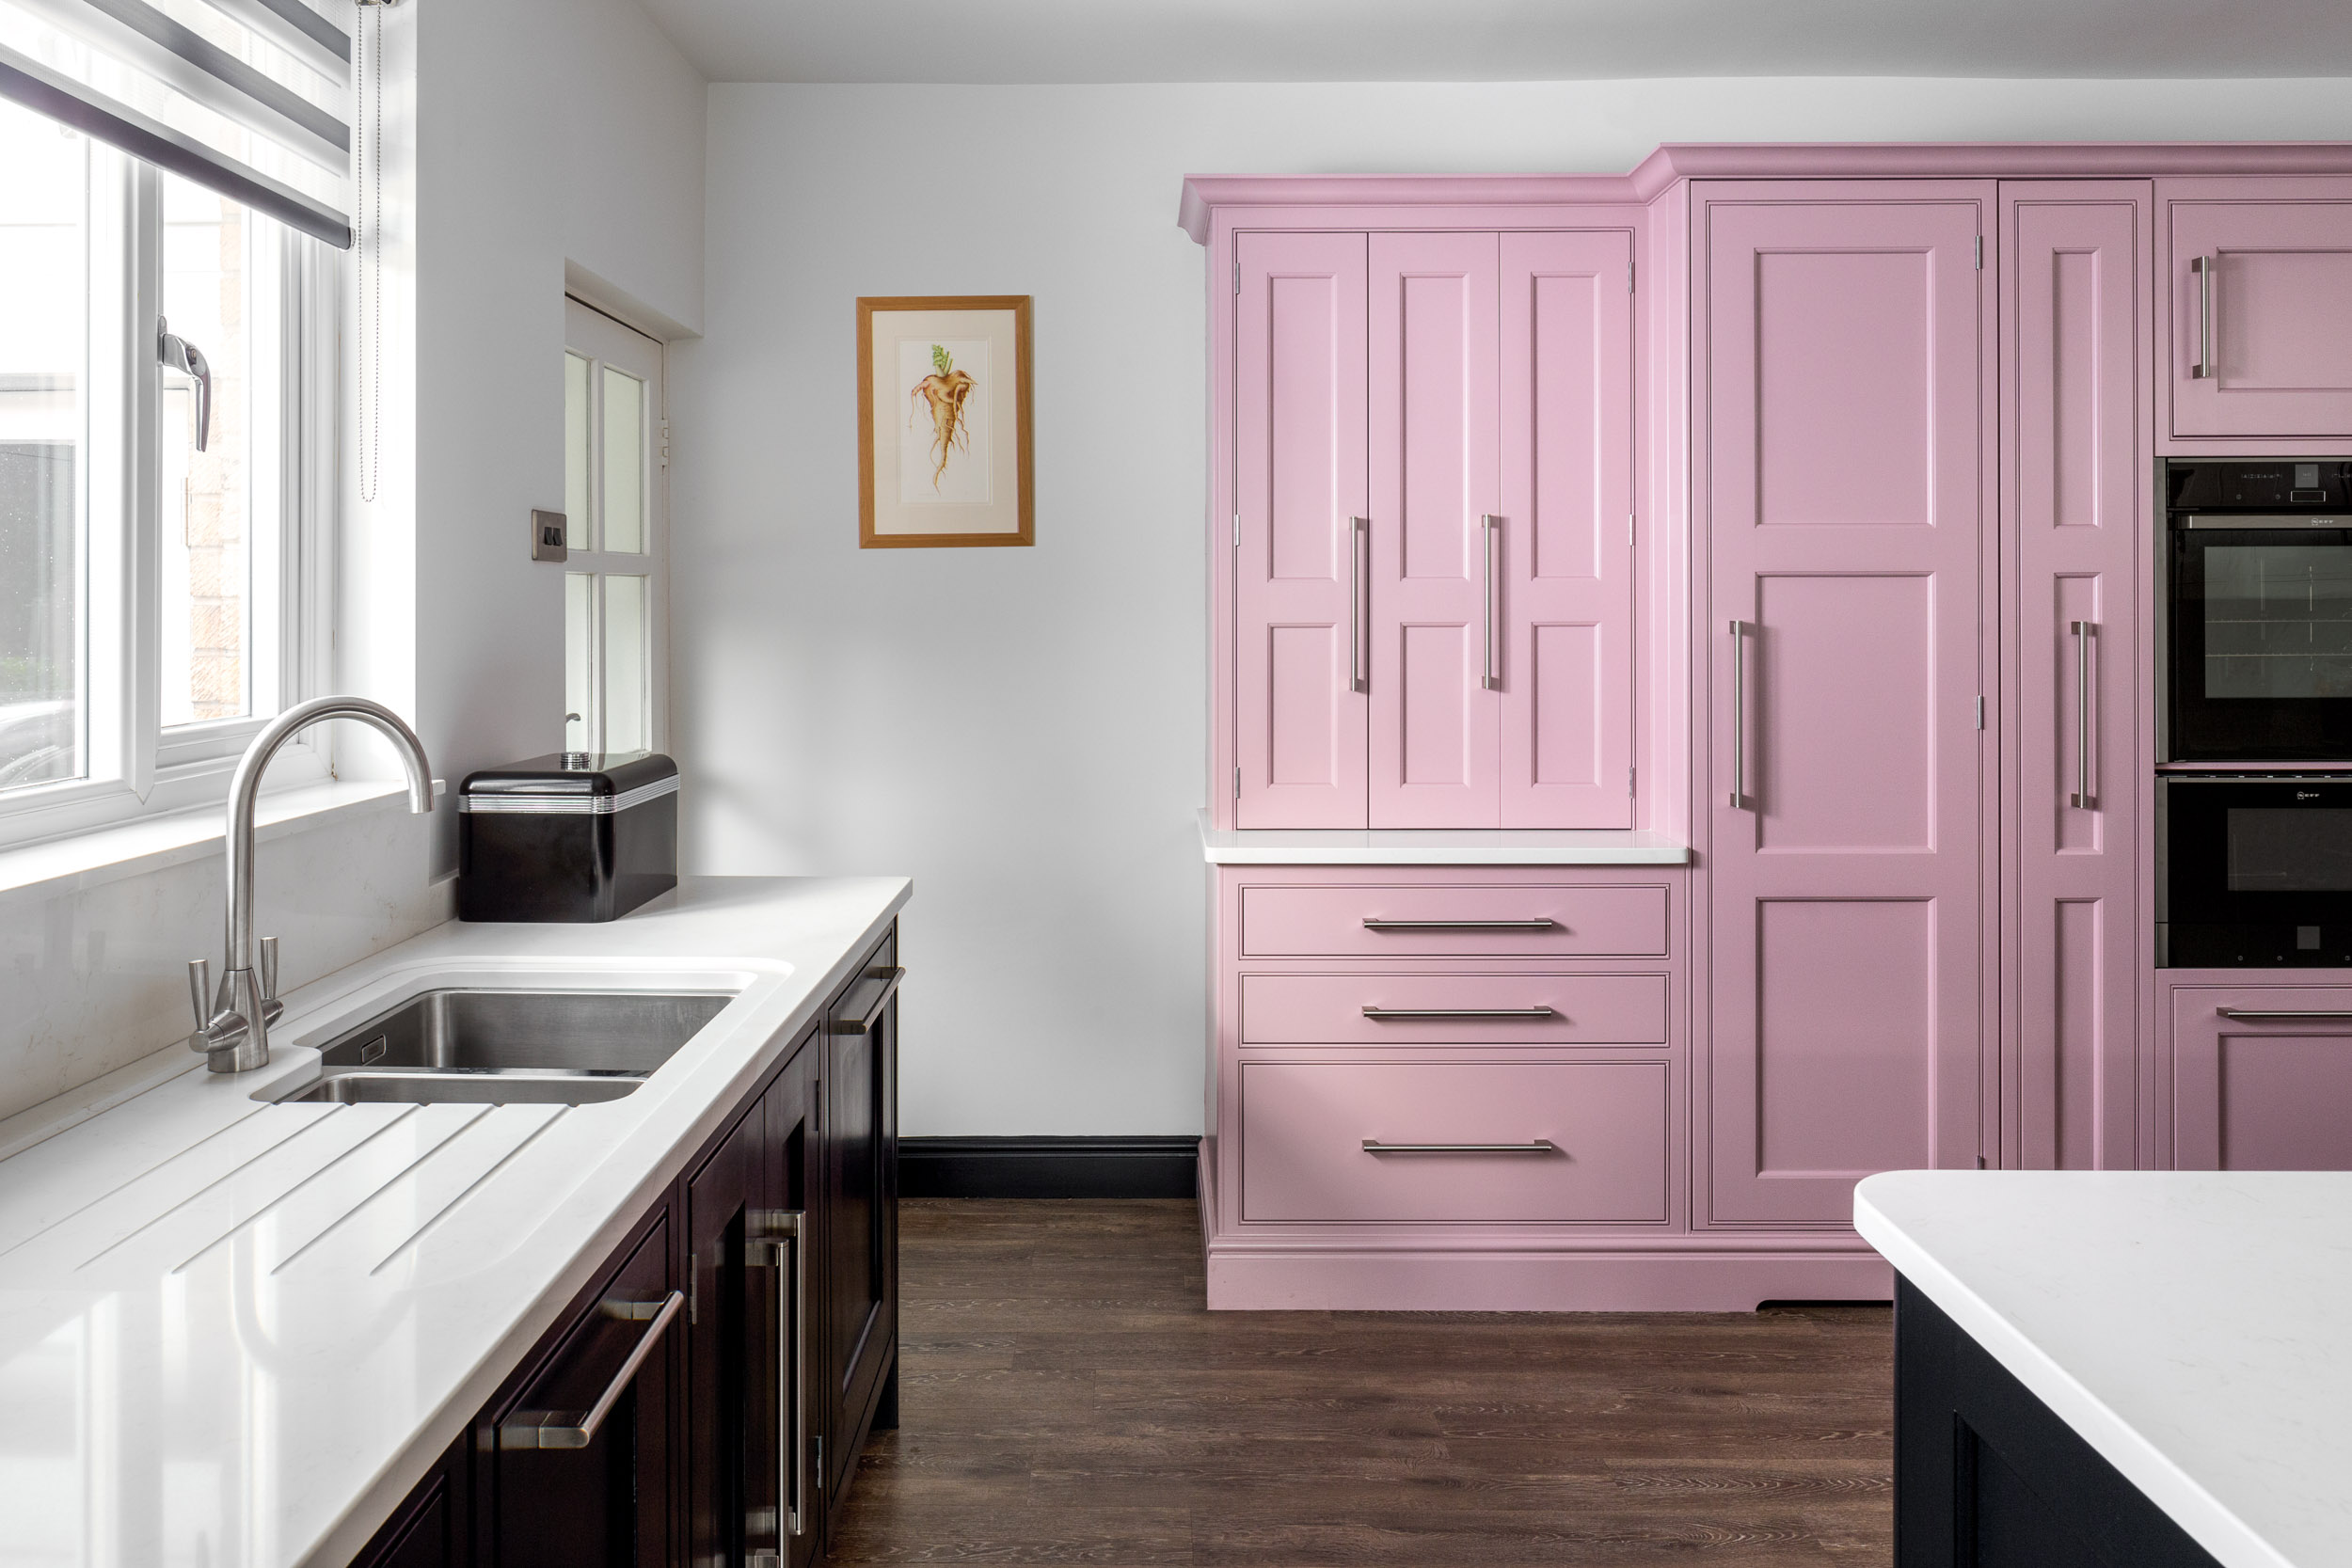 handmade bespoke kitchen interior west yorkshire hebden bridge.jpg